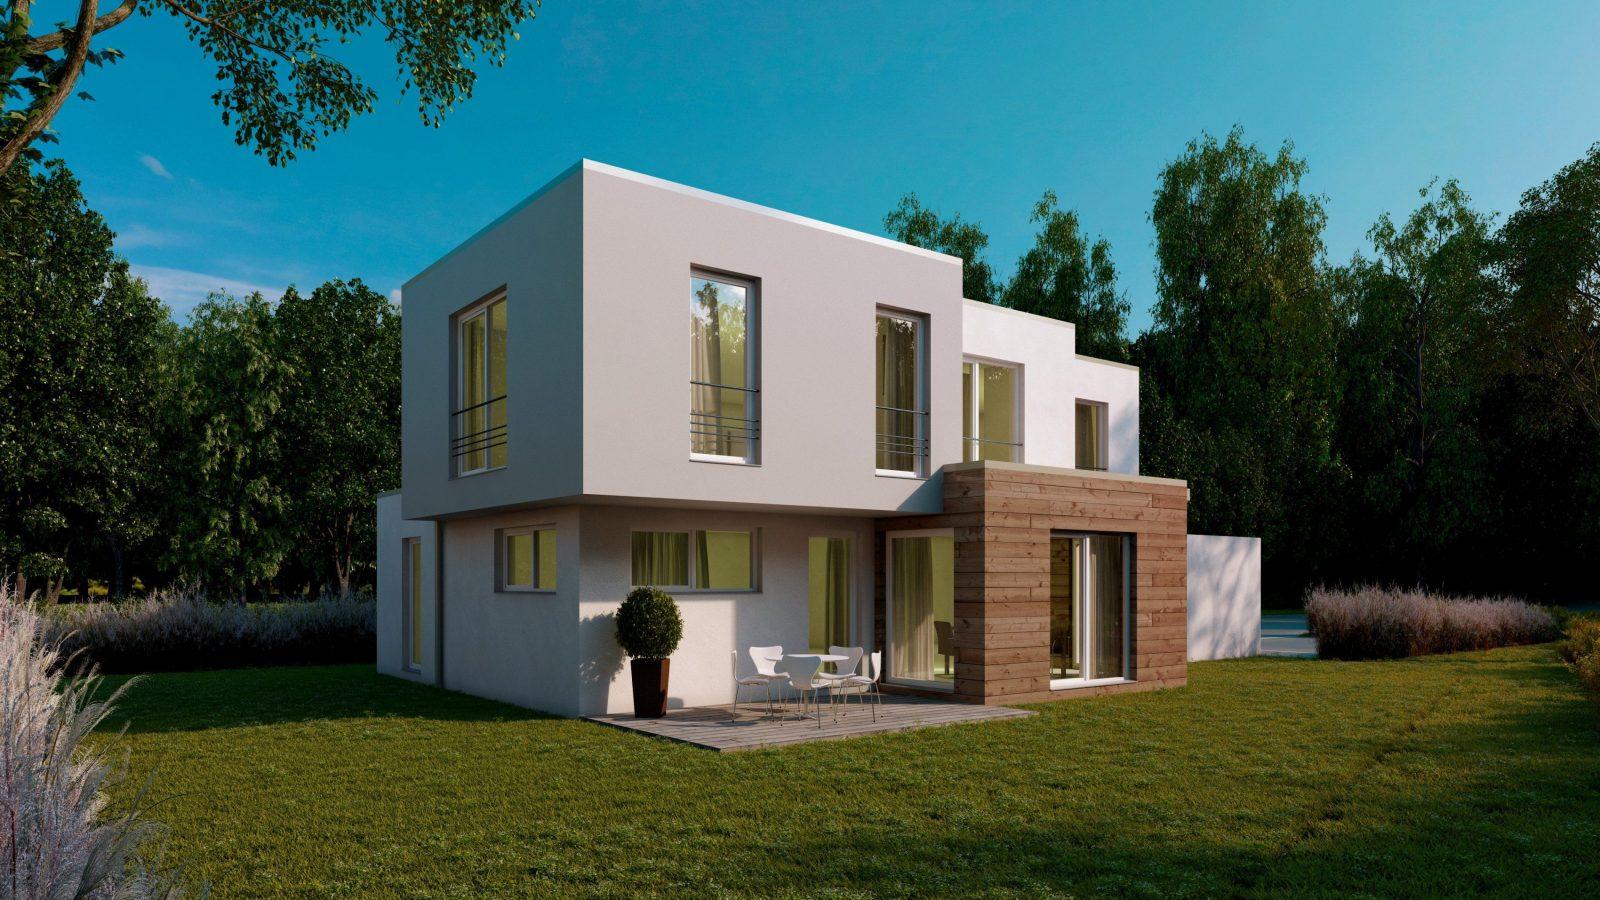 wohnung in potsdam kaufen haus design ideen. Black Bedroom Furniture Sets. Home Design Ideas